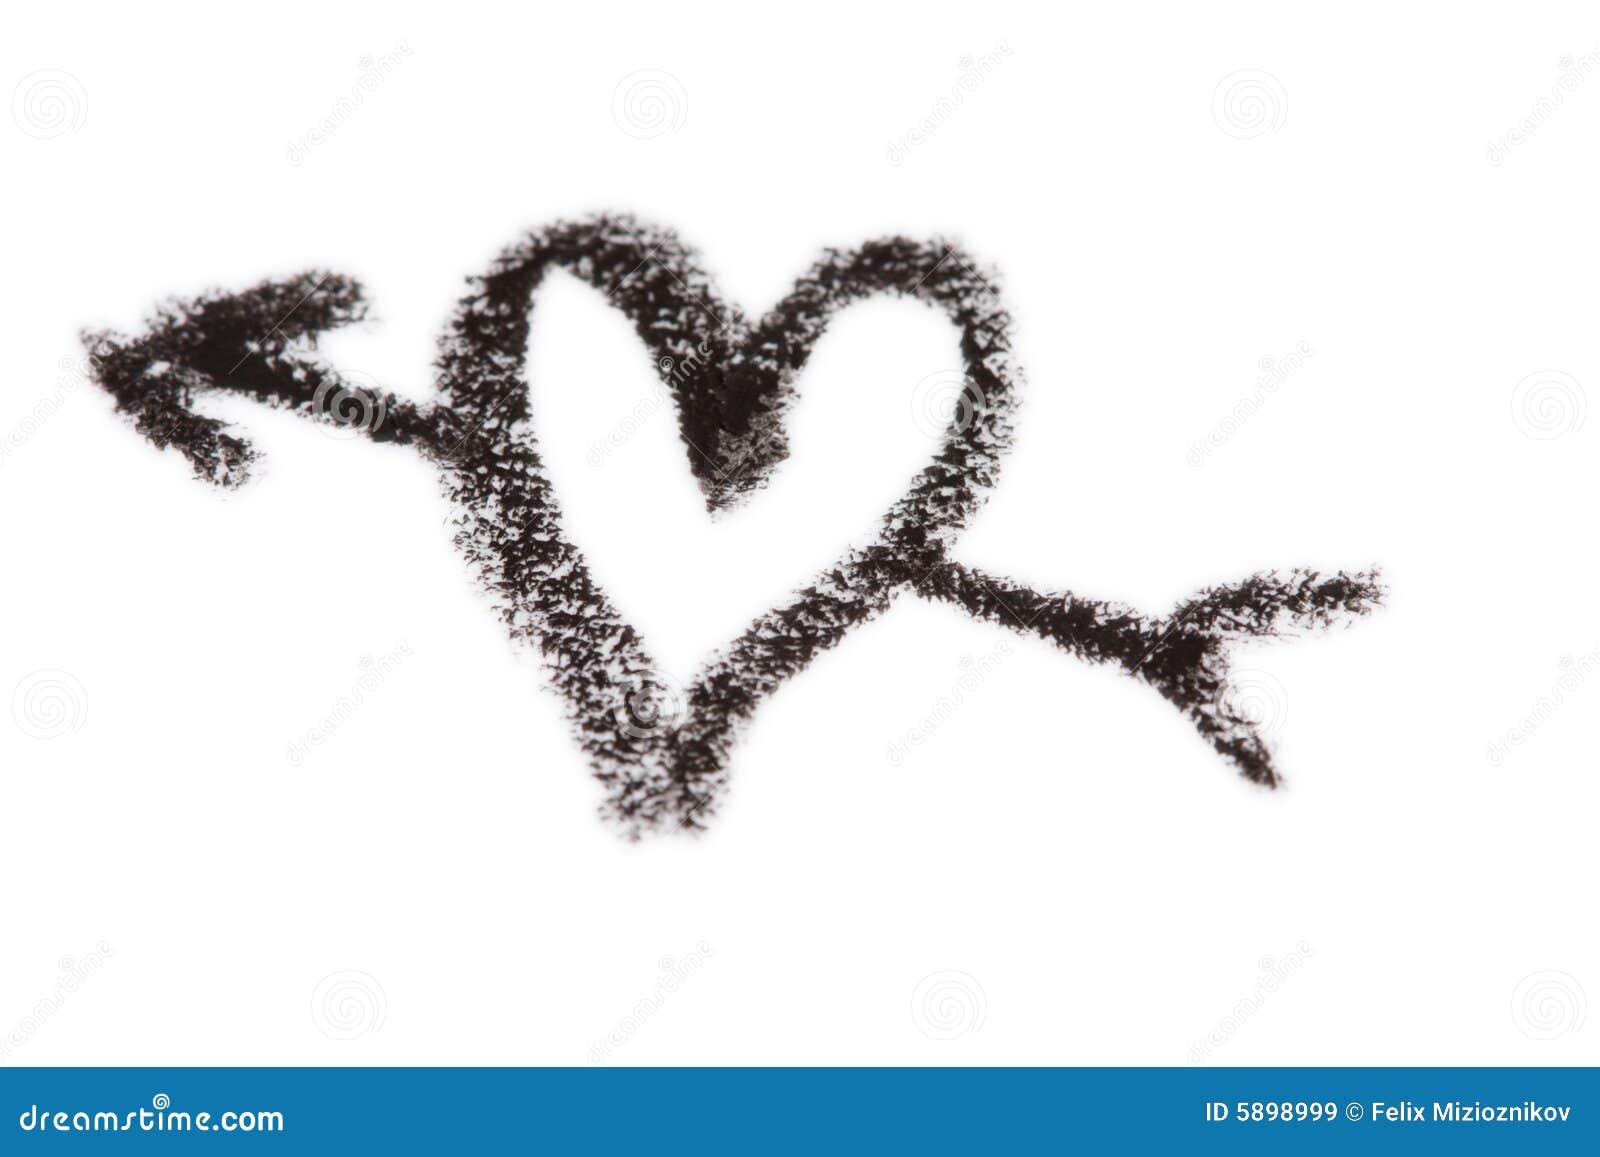 crayon heart with arrow stock image image of sketch broken 5898999